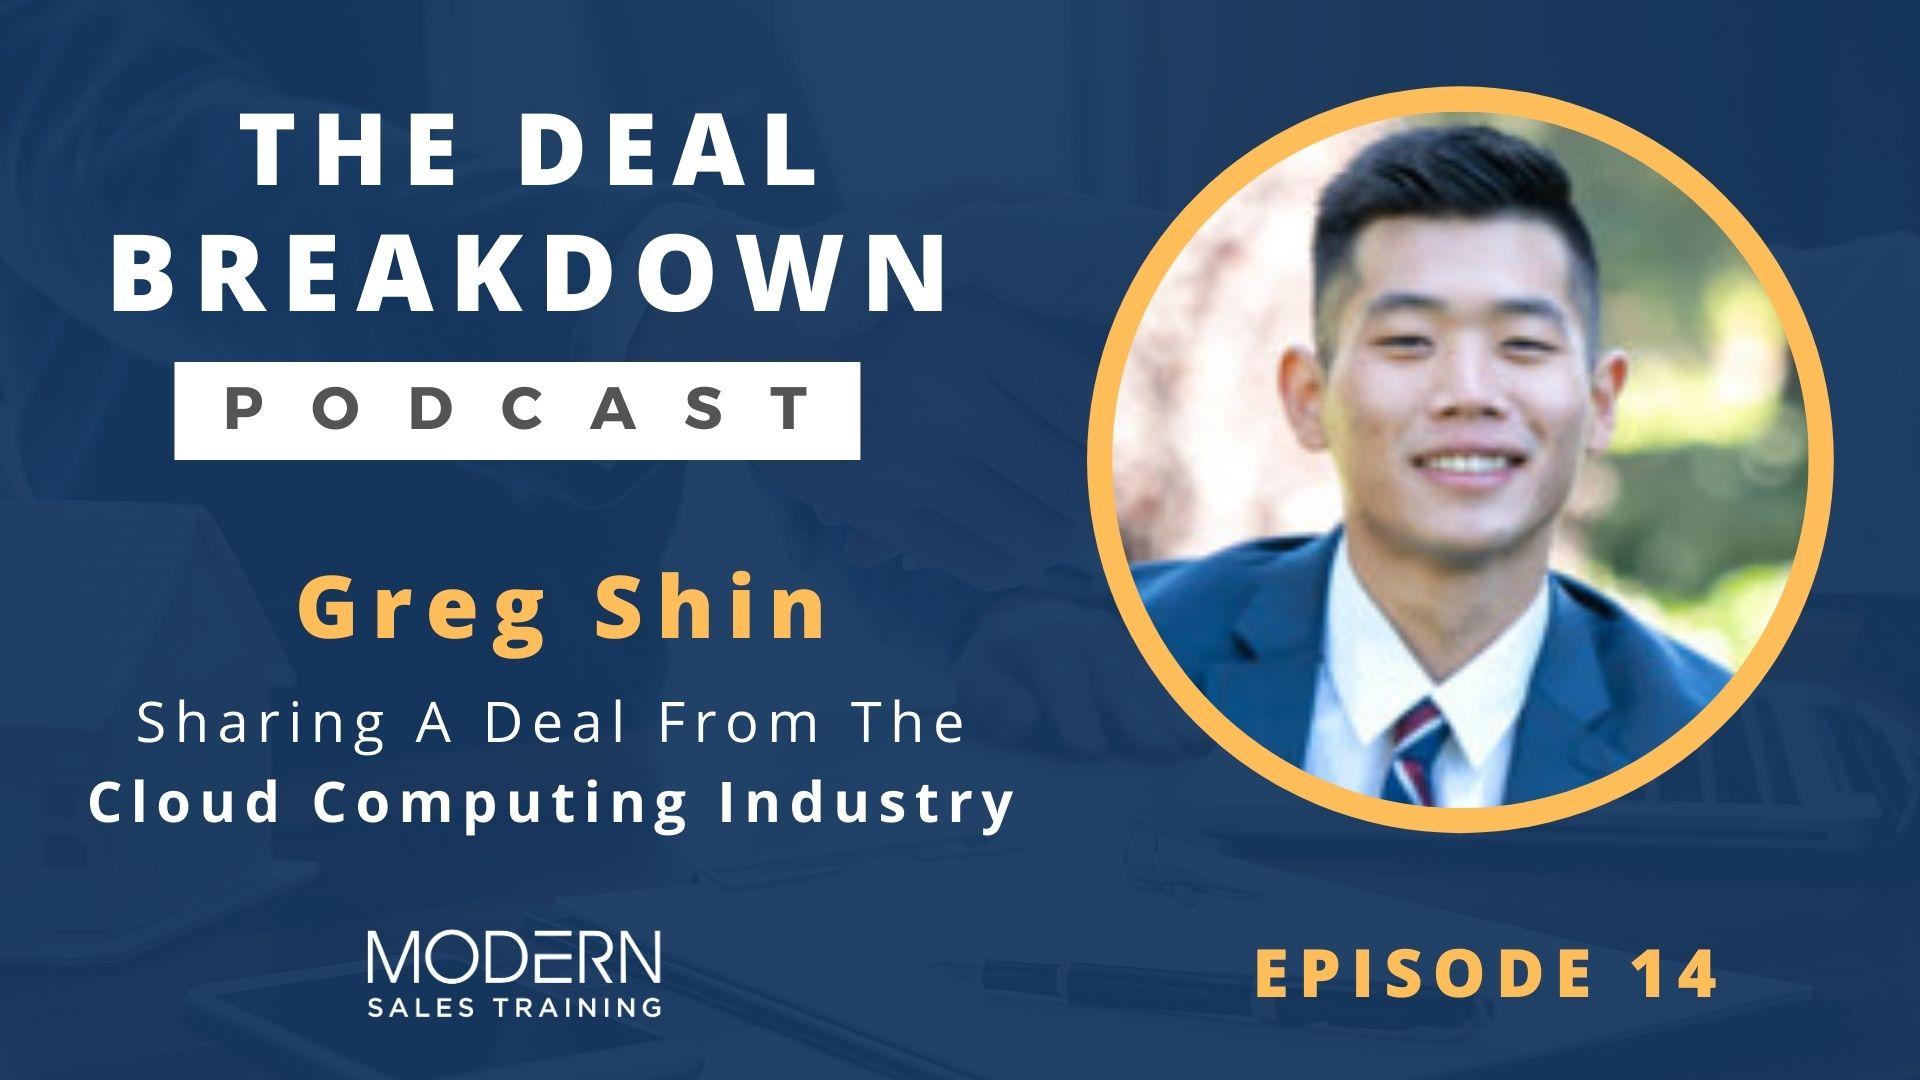 The-Deal-Breakdown-Podcast-Modern-Sales-Training-Greg-Shin